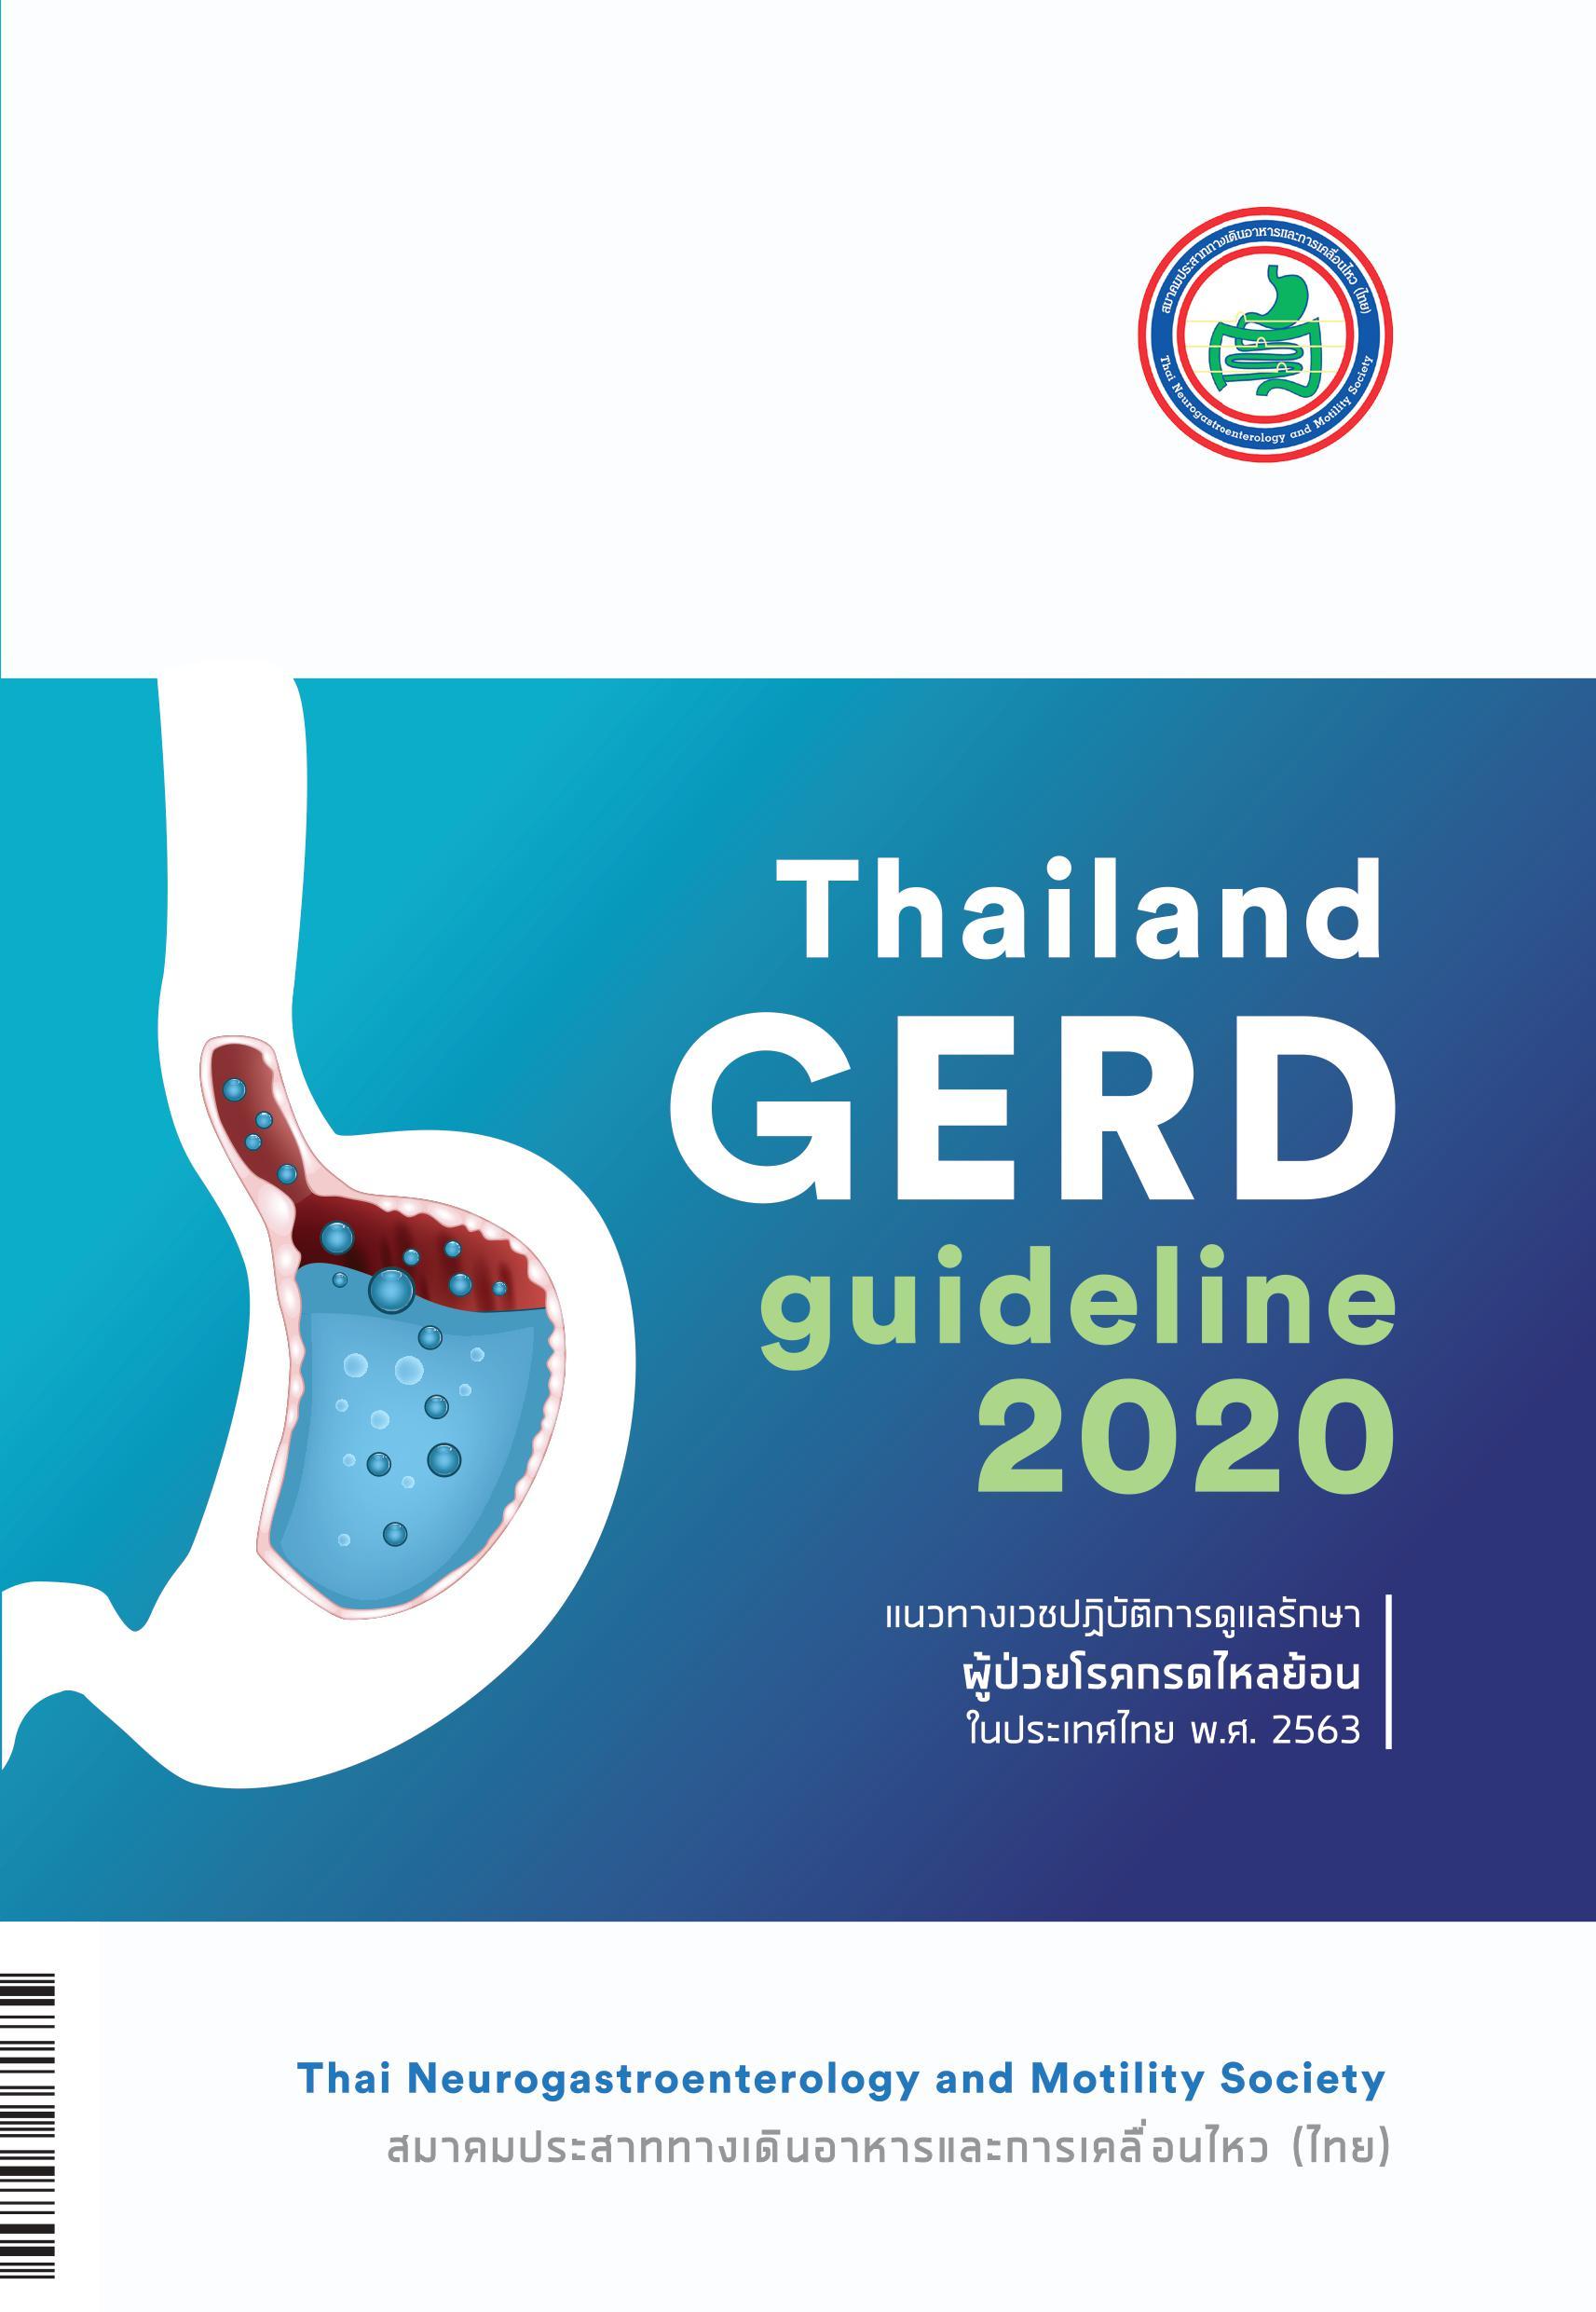 Thailand GERD Guideline 2020